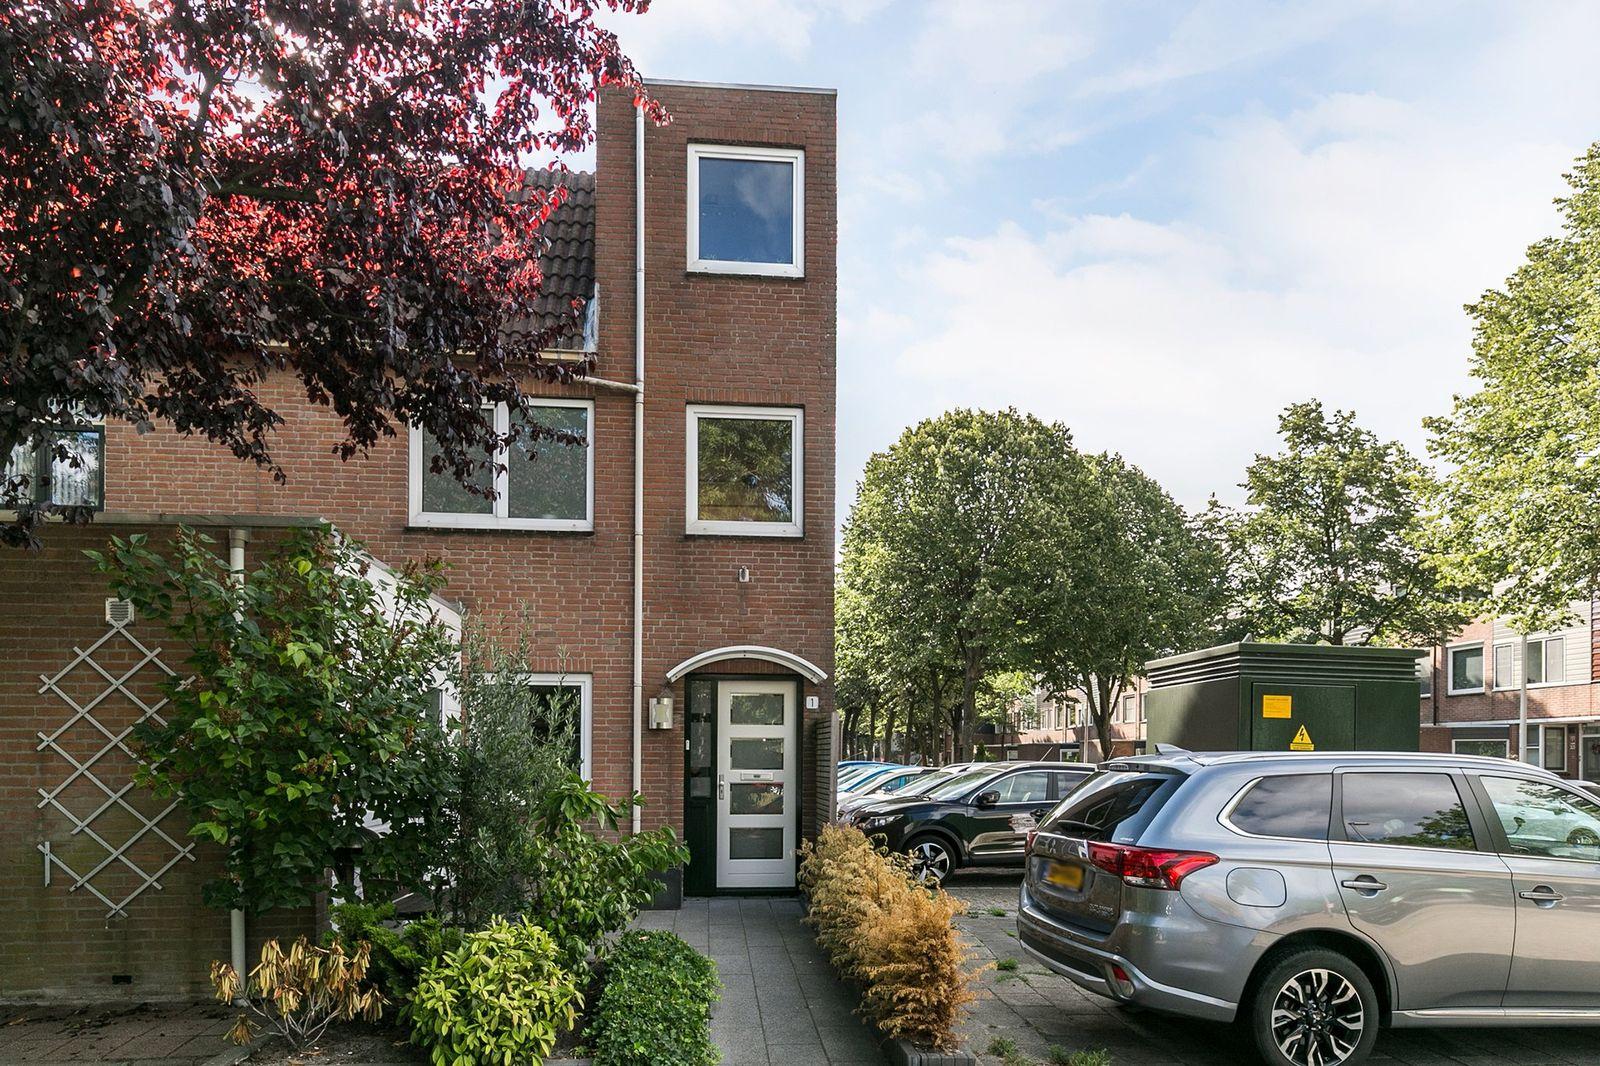 Izmirerf 1, Rotterdam